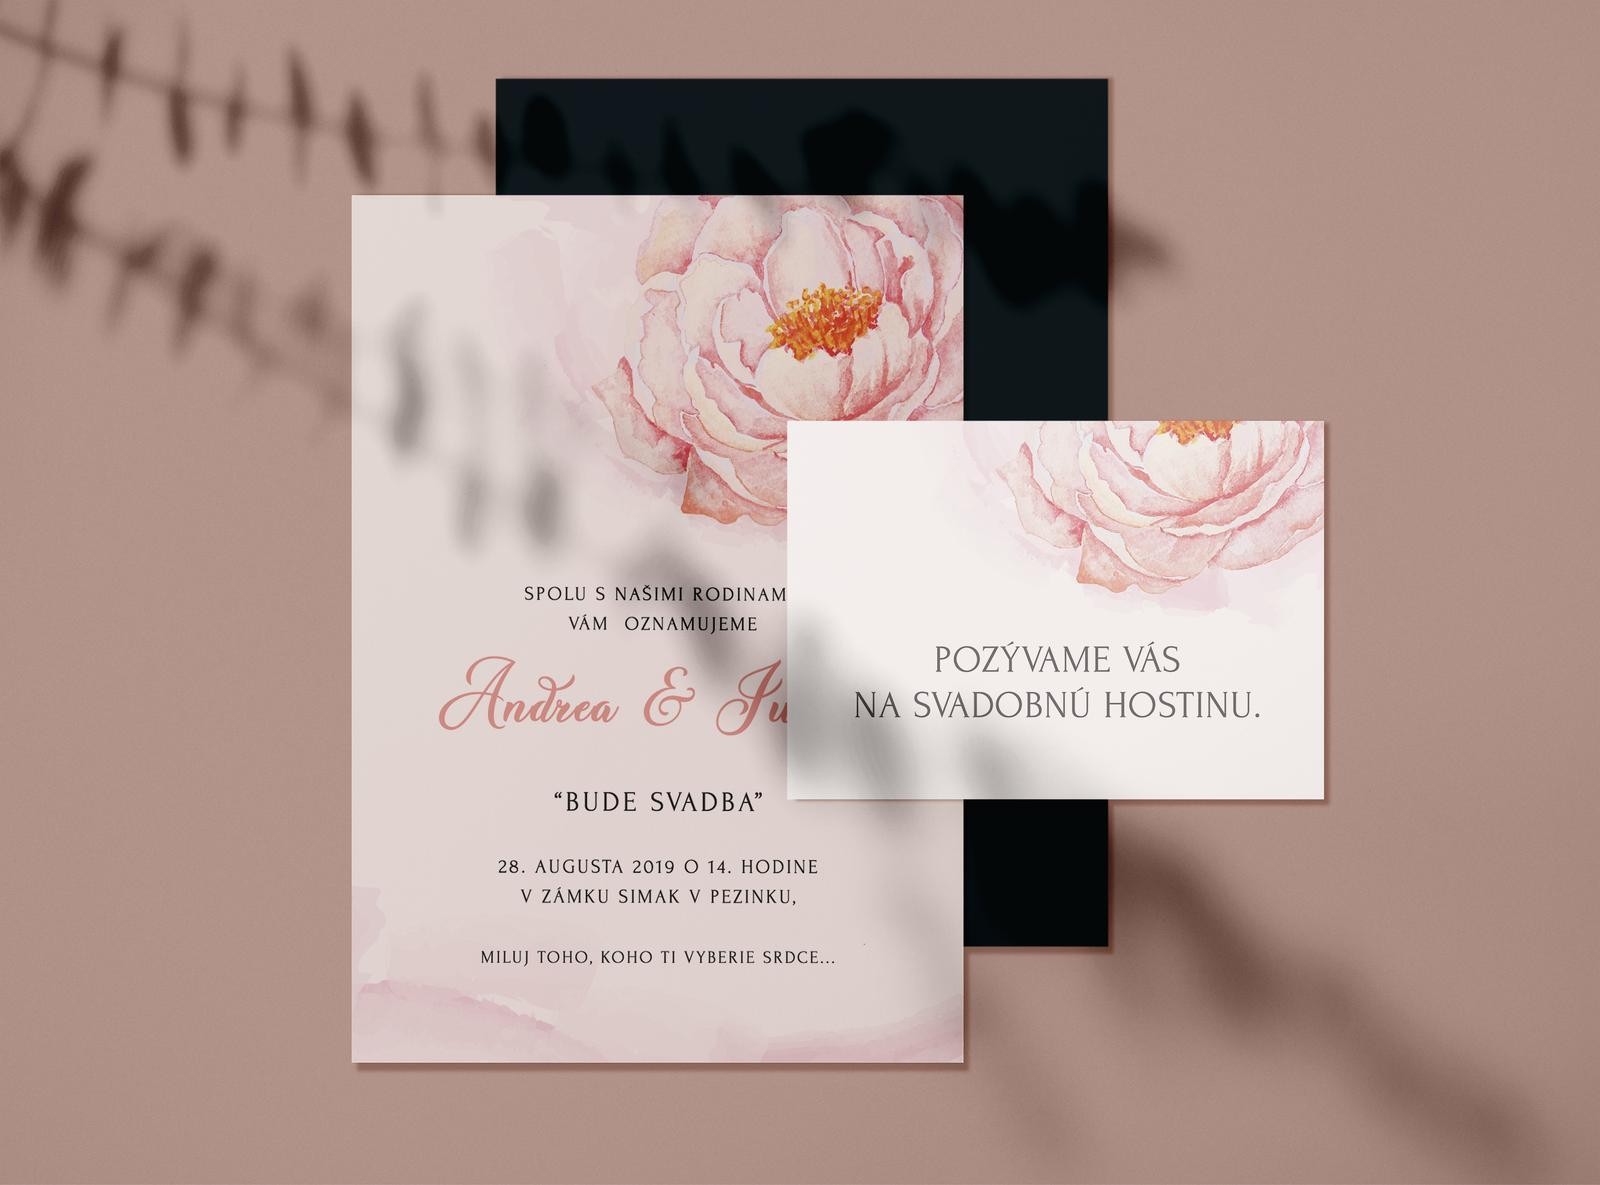 Flower Power ❤ - Flower power 😍 🏵🌸 Záplava kvetov k letu jednoznačne patrí a oznámenia s kvetinovým motívom sú v top trojke obľúbenosti u Vás 😉🙂 Dnešné oznámenie z kaktuskovej dielničky v sebe snúbi nežnosť letných kvetov, ktorú umocňujú jemné farby a čistý diza